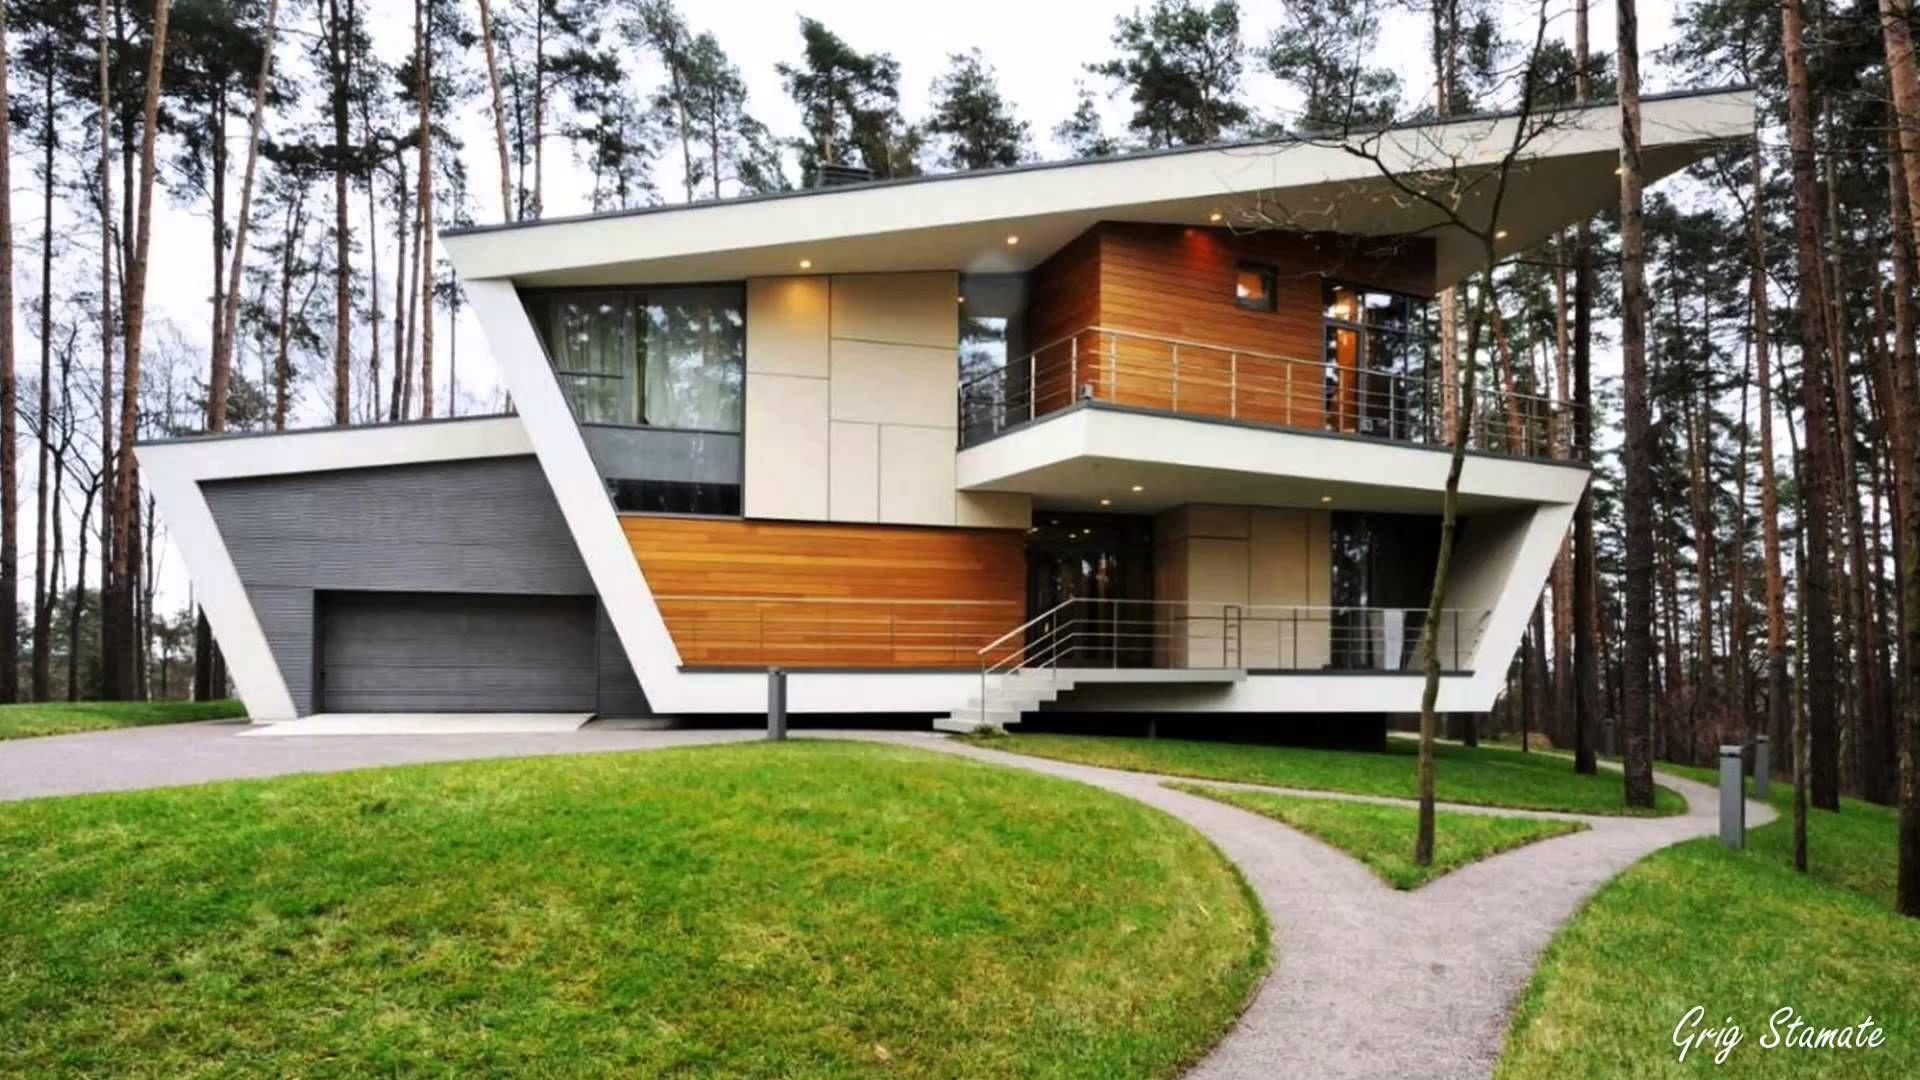 Entzuckend Moderne Haus Design, #Badezimmer #Büromöbel #Couchtisch #Deko Ideen  #Gartenmöbel #